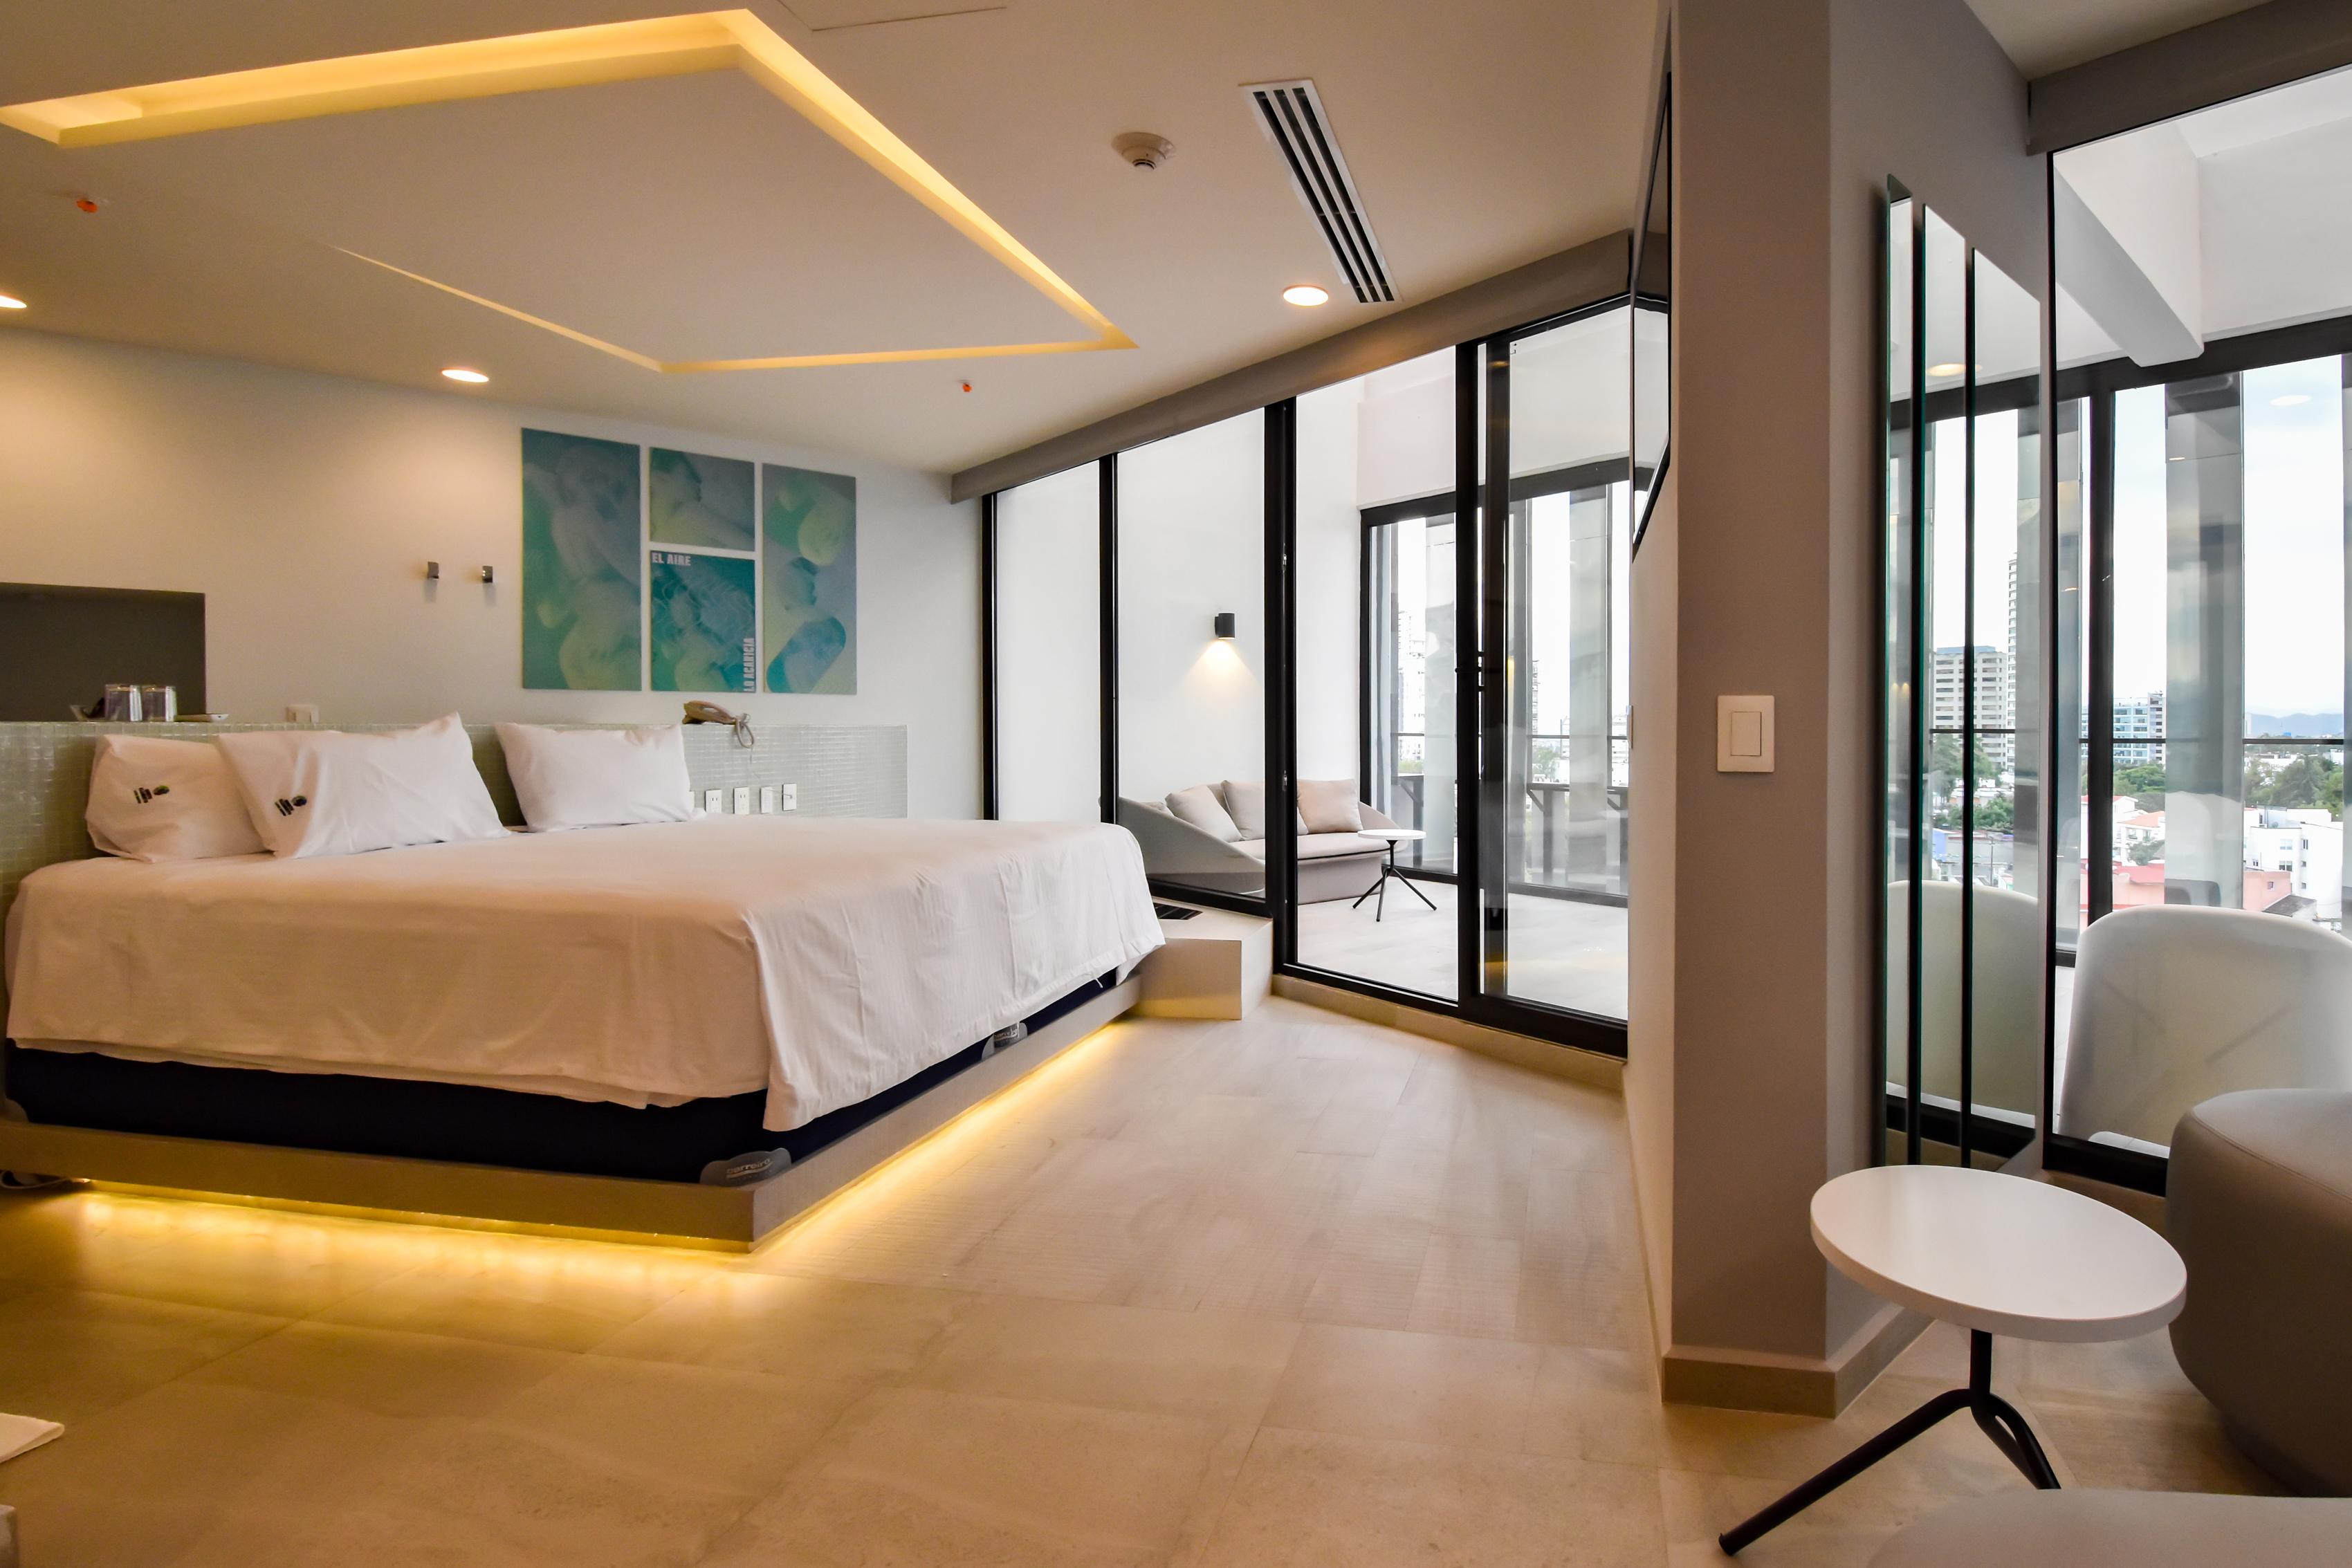 Kamar suite dengan teras di hotel Quintoelemento.